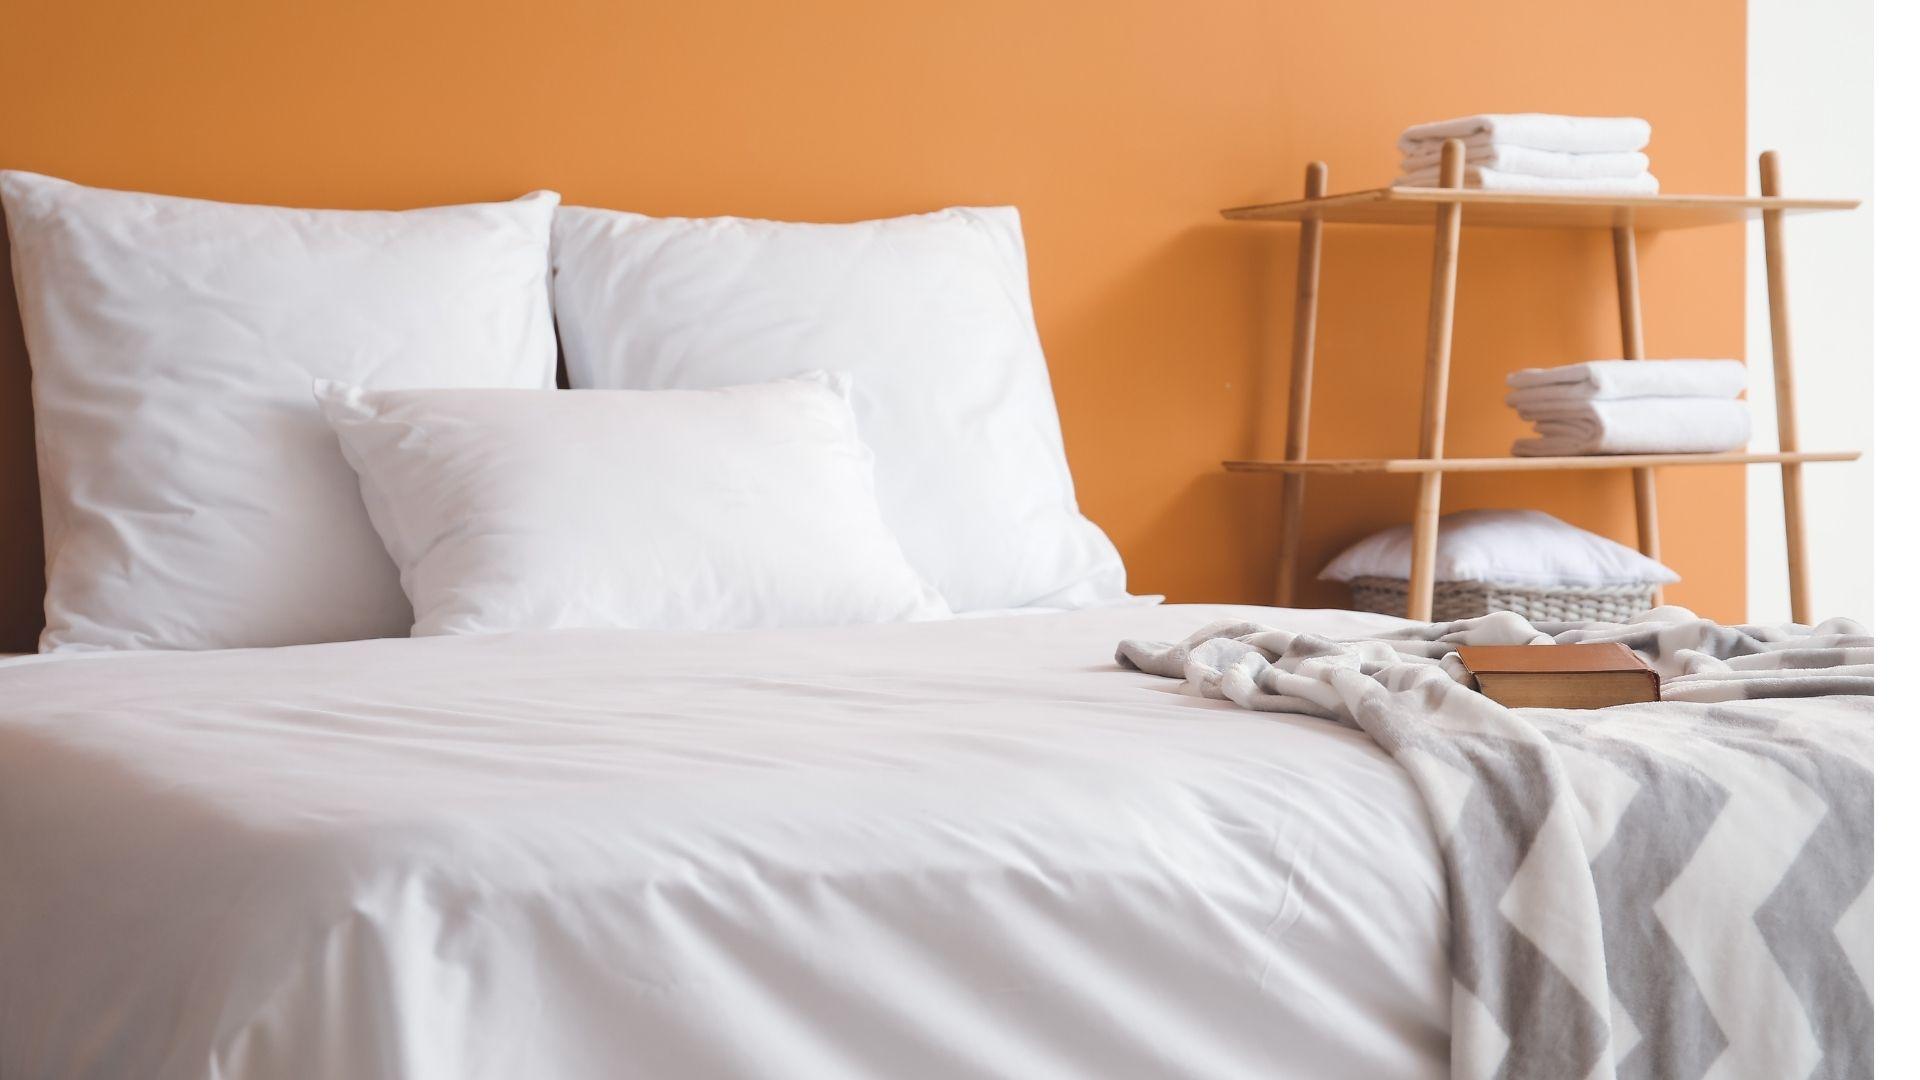 sypialnia w kolorze pomarańczowym